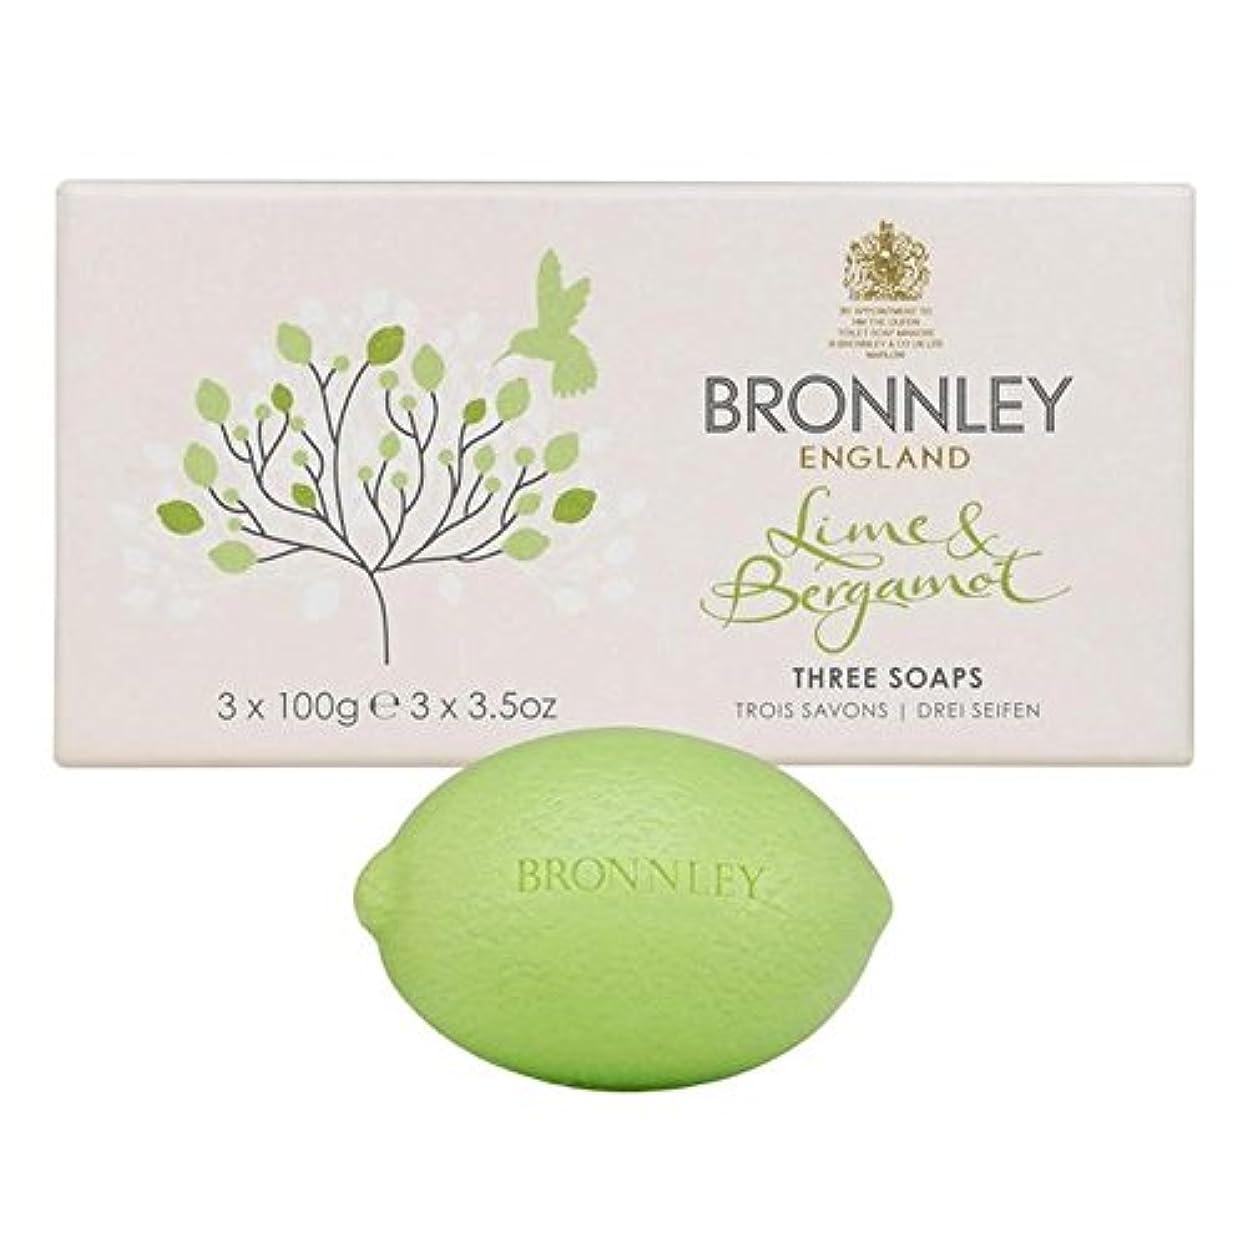 五月感染する巡礼者Bronnley Lime & Bergamot Soap 3 x 100g - ライム&ベルガモット石鹸3×100グラム [並行輸入品]